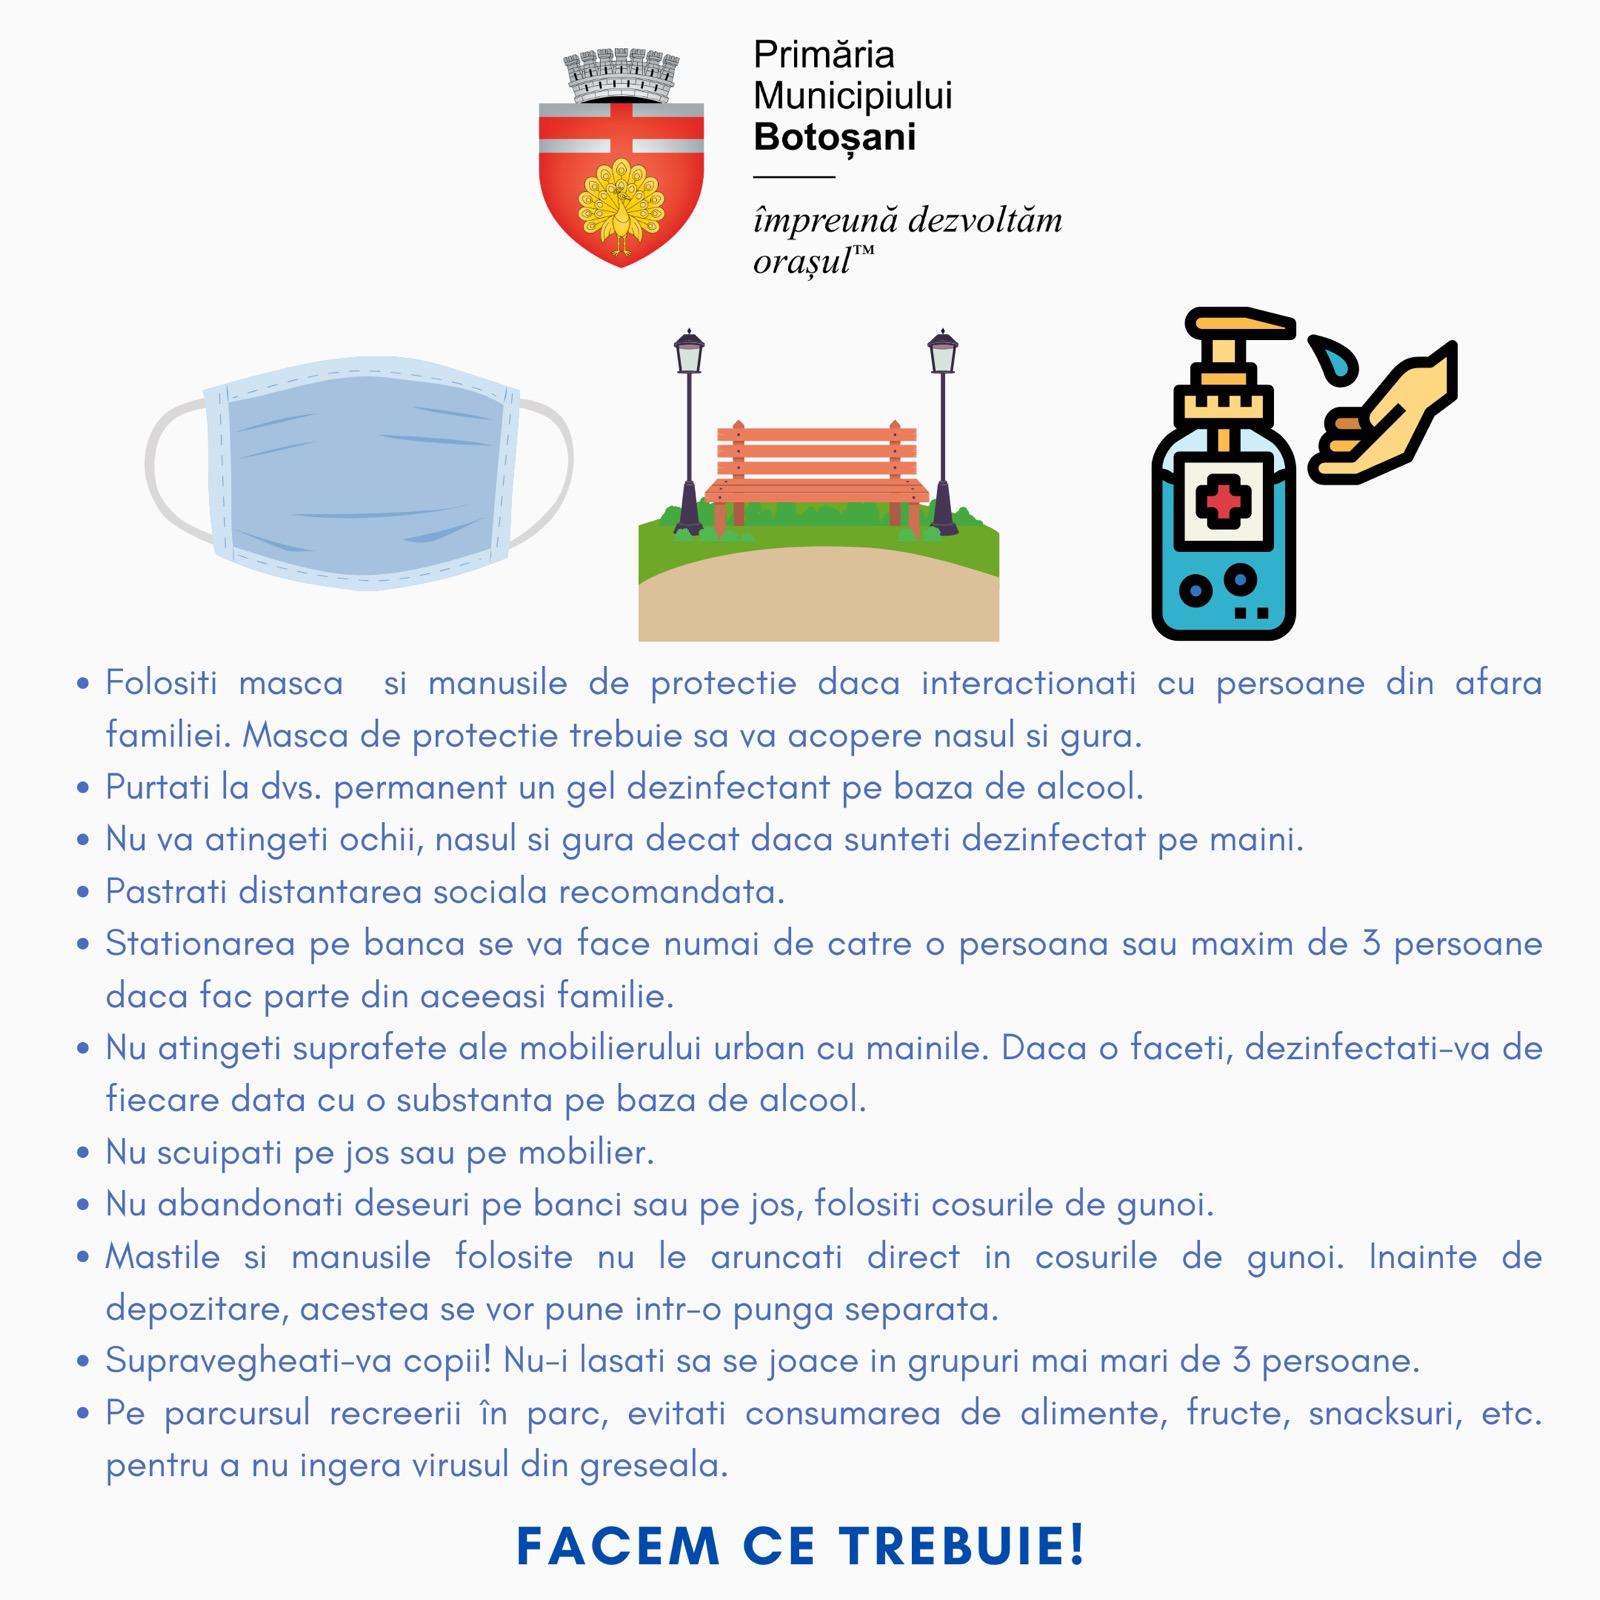 Ieșire graduală, treptată, din starea de urgență, în municipiul Botoșani